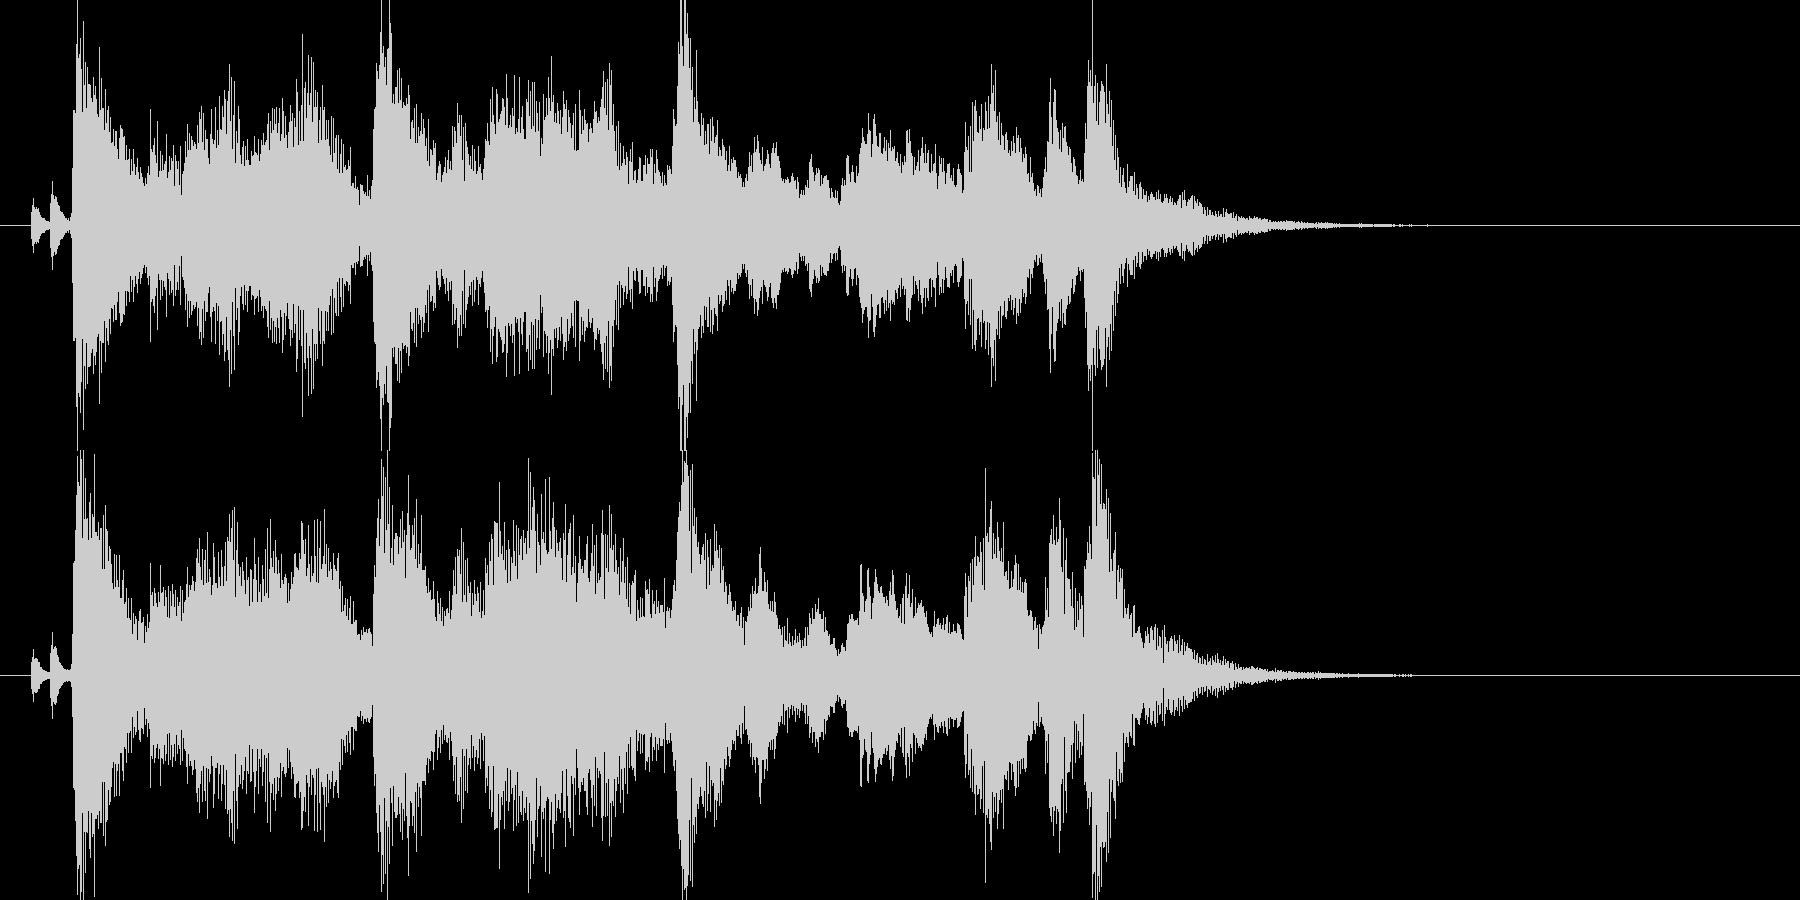 にぎやかでわくわくする雰囲気のジングルの未再生の波形